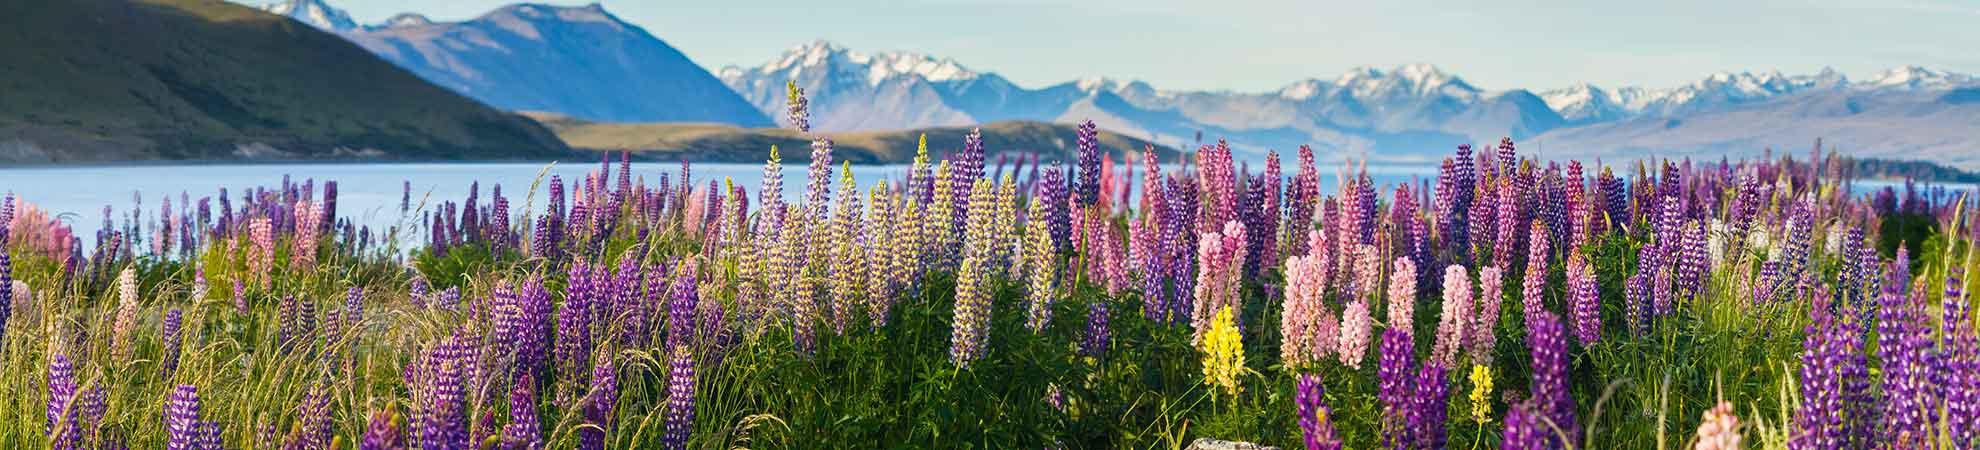 Un circuit en Nouvelle-Zélande : votre occasion de faire un voyage inoubliable de l'île Nord à l'île Sud  !